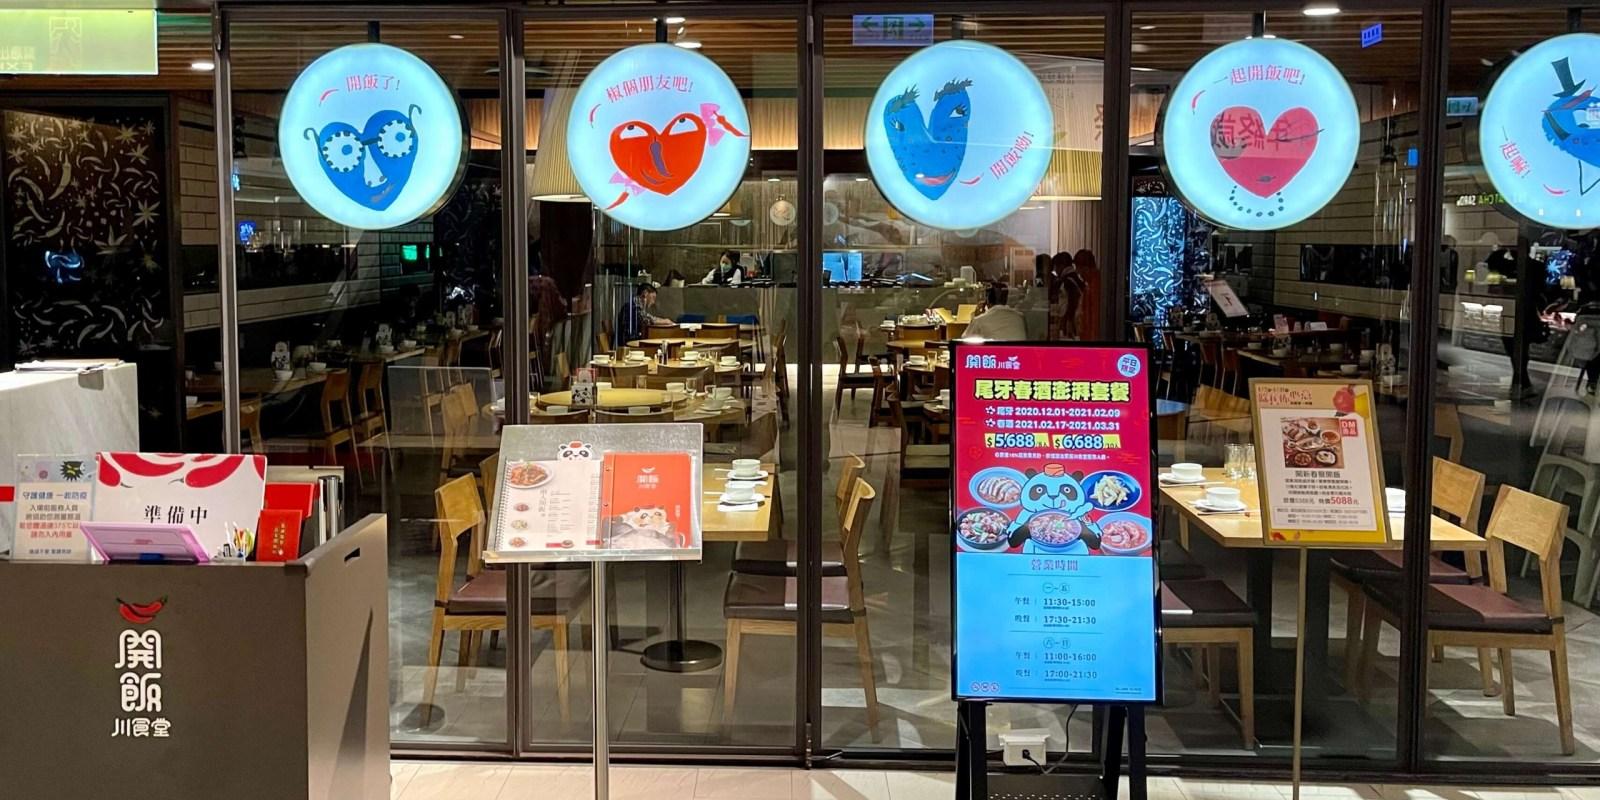 開飯2021年菜單及分店資訊 (3月更新)